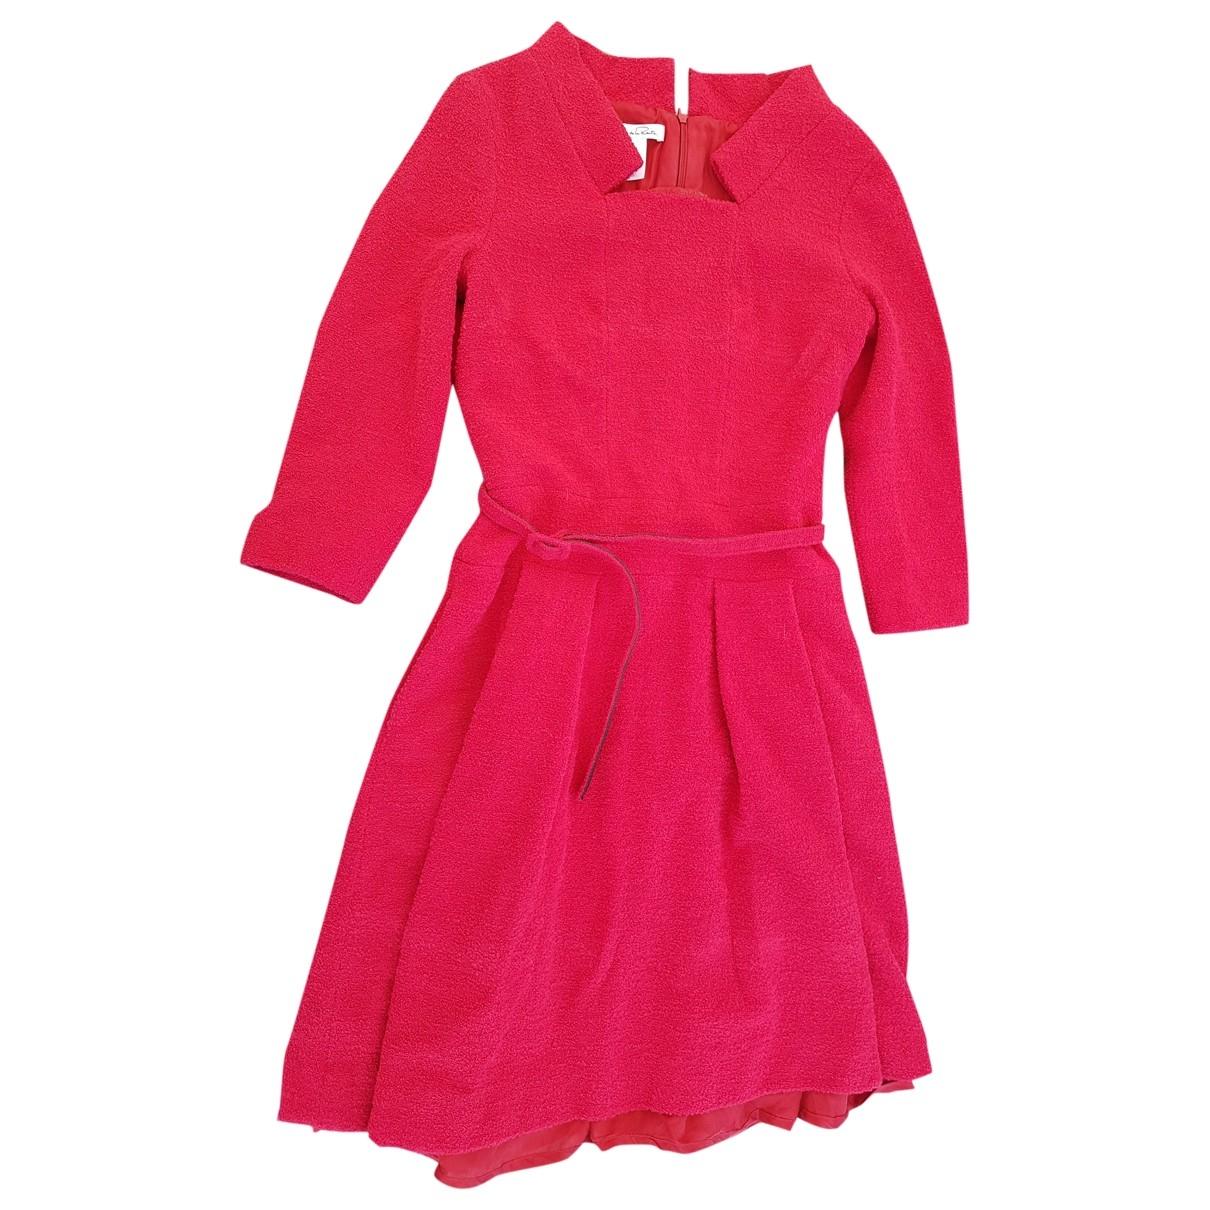 Oscar De La Renta \N Kleid in  Rot Wolle